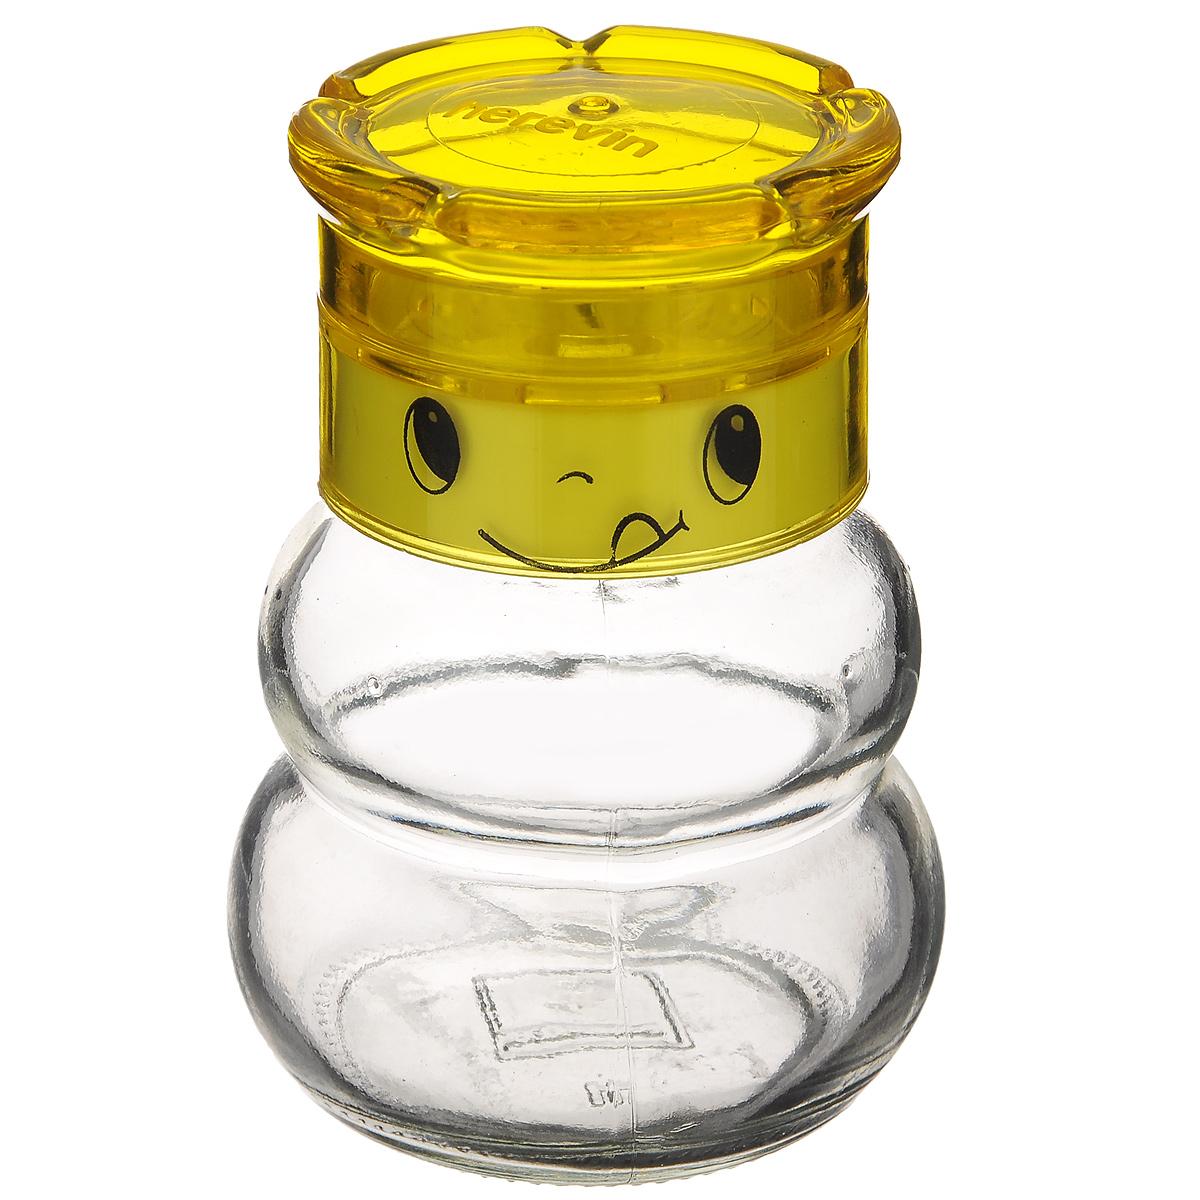 Мельница для специй Herevin, цвет: желтый, 200 мл131650-000_желтыйМельница Herevin, изготовленная из стекла и пластика, легка в использовании. Стоит только покрутить верхнюю часть мельницы, и вы с легкостью сможете приправить по своему вкусу любое блюдо. Крышка украшена изображением забавной мордочки. Механизм мельницы изготовлен из пластика. Оригинальная мельница модного дизайна будет отлично смотреться на вашей кухне.Высота: 10 см.Диаметр (по верхнему краю): 4 см.Диаметр основания: 6 см.